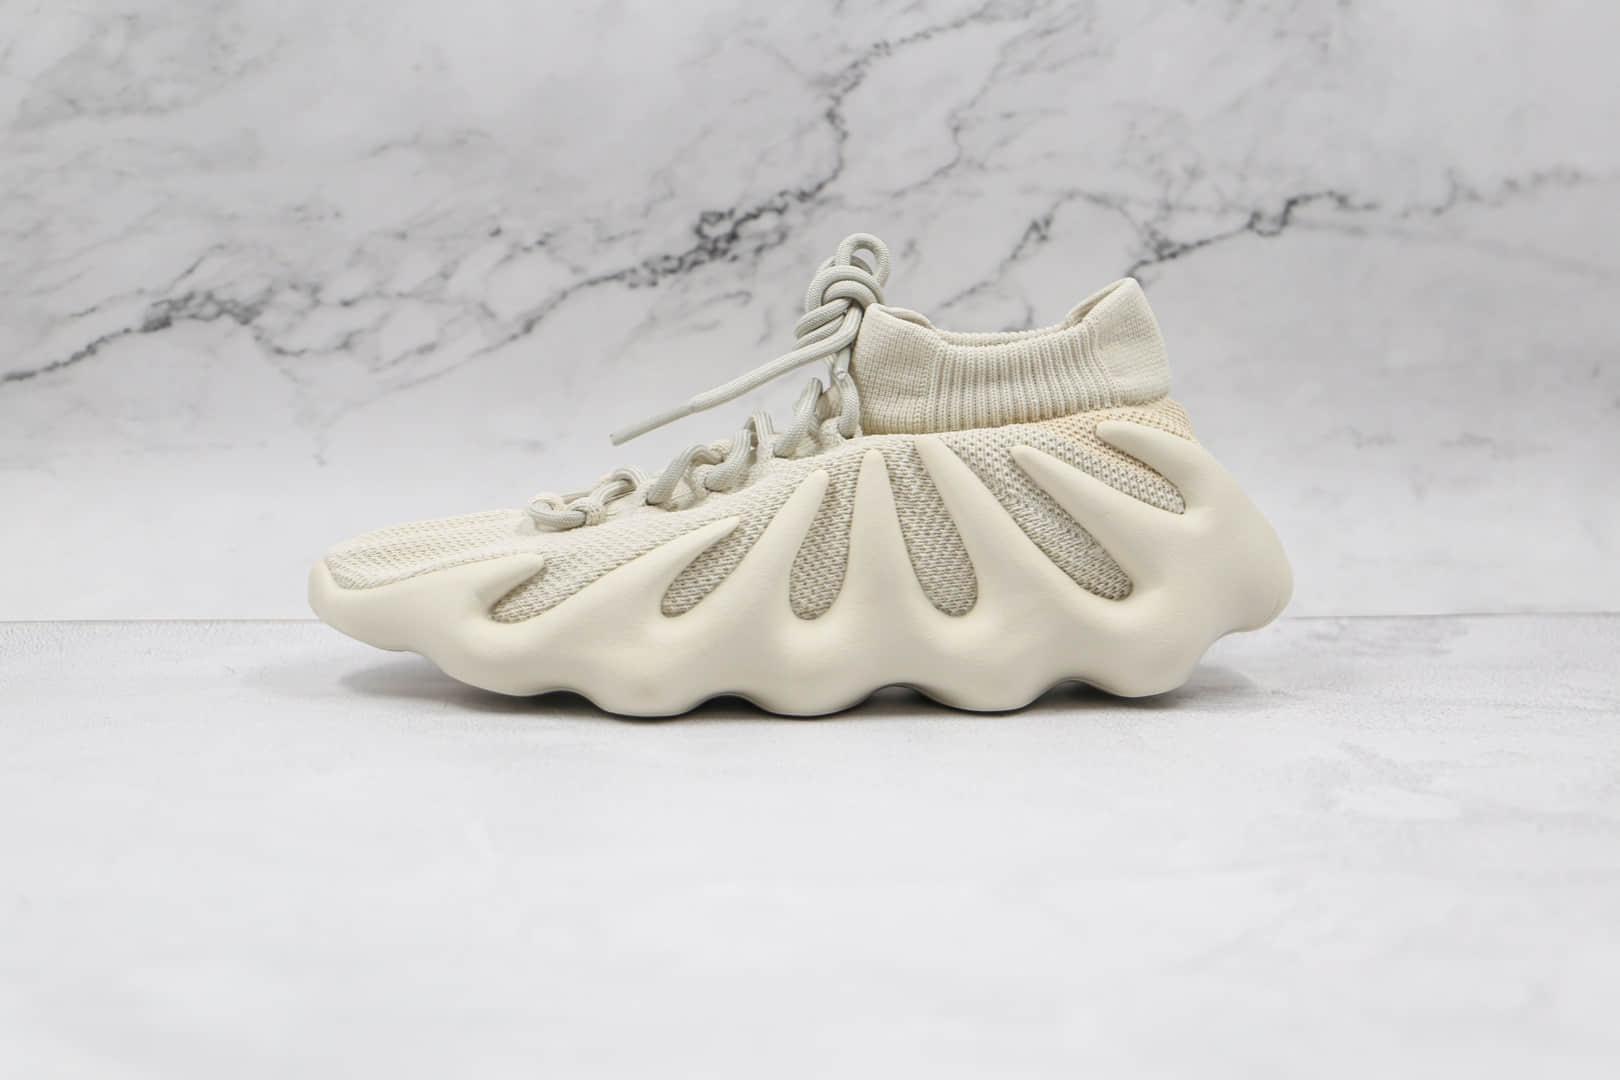 阿迪达斯椰子450白色火山编织袜套鞋出货